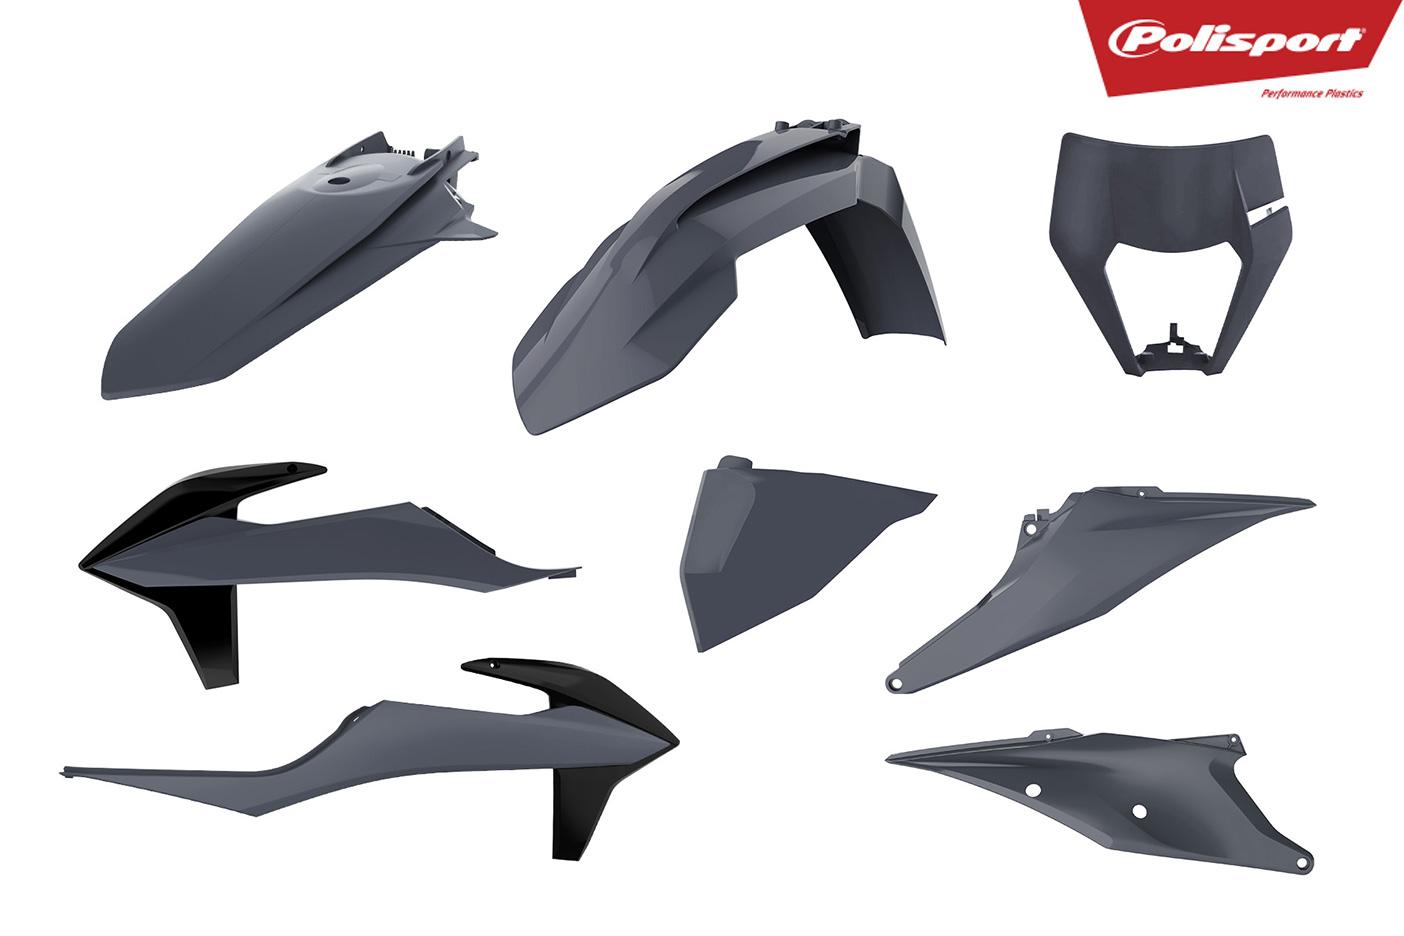 Plastikteile für deine KTM EXC und EXC-F in grau, bestehend aus Frontkotflügel, Heckkotflügel, Tankspoiler, Gabelschoner, Nummerntafeln und Lampenmaske